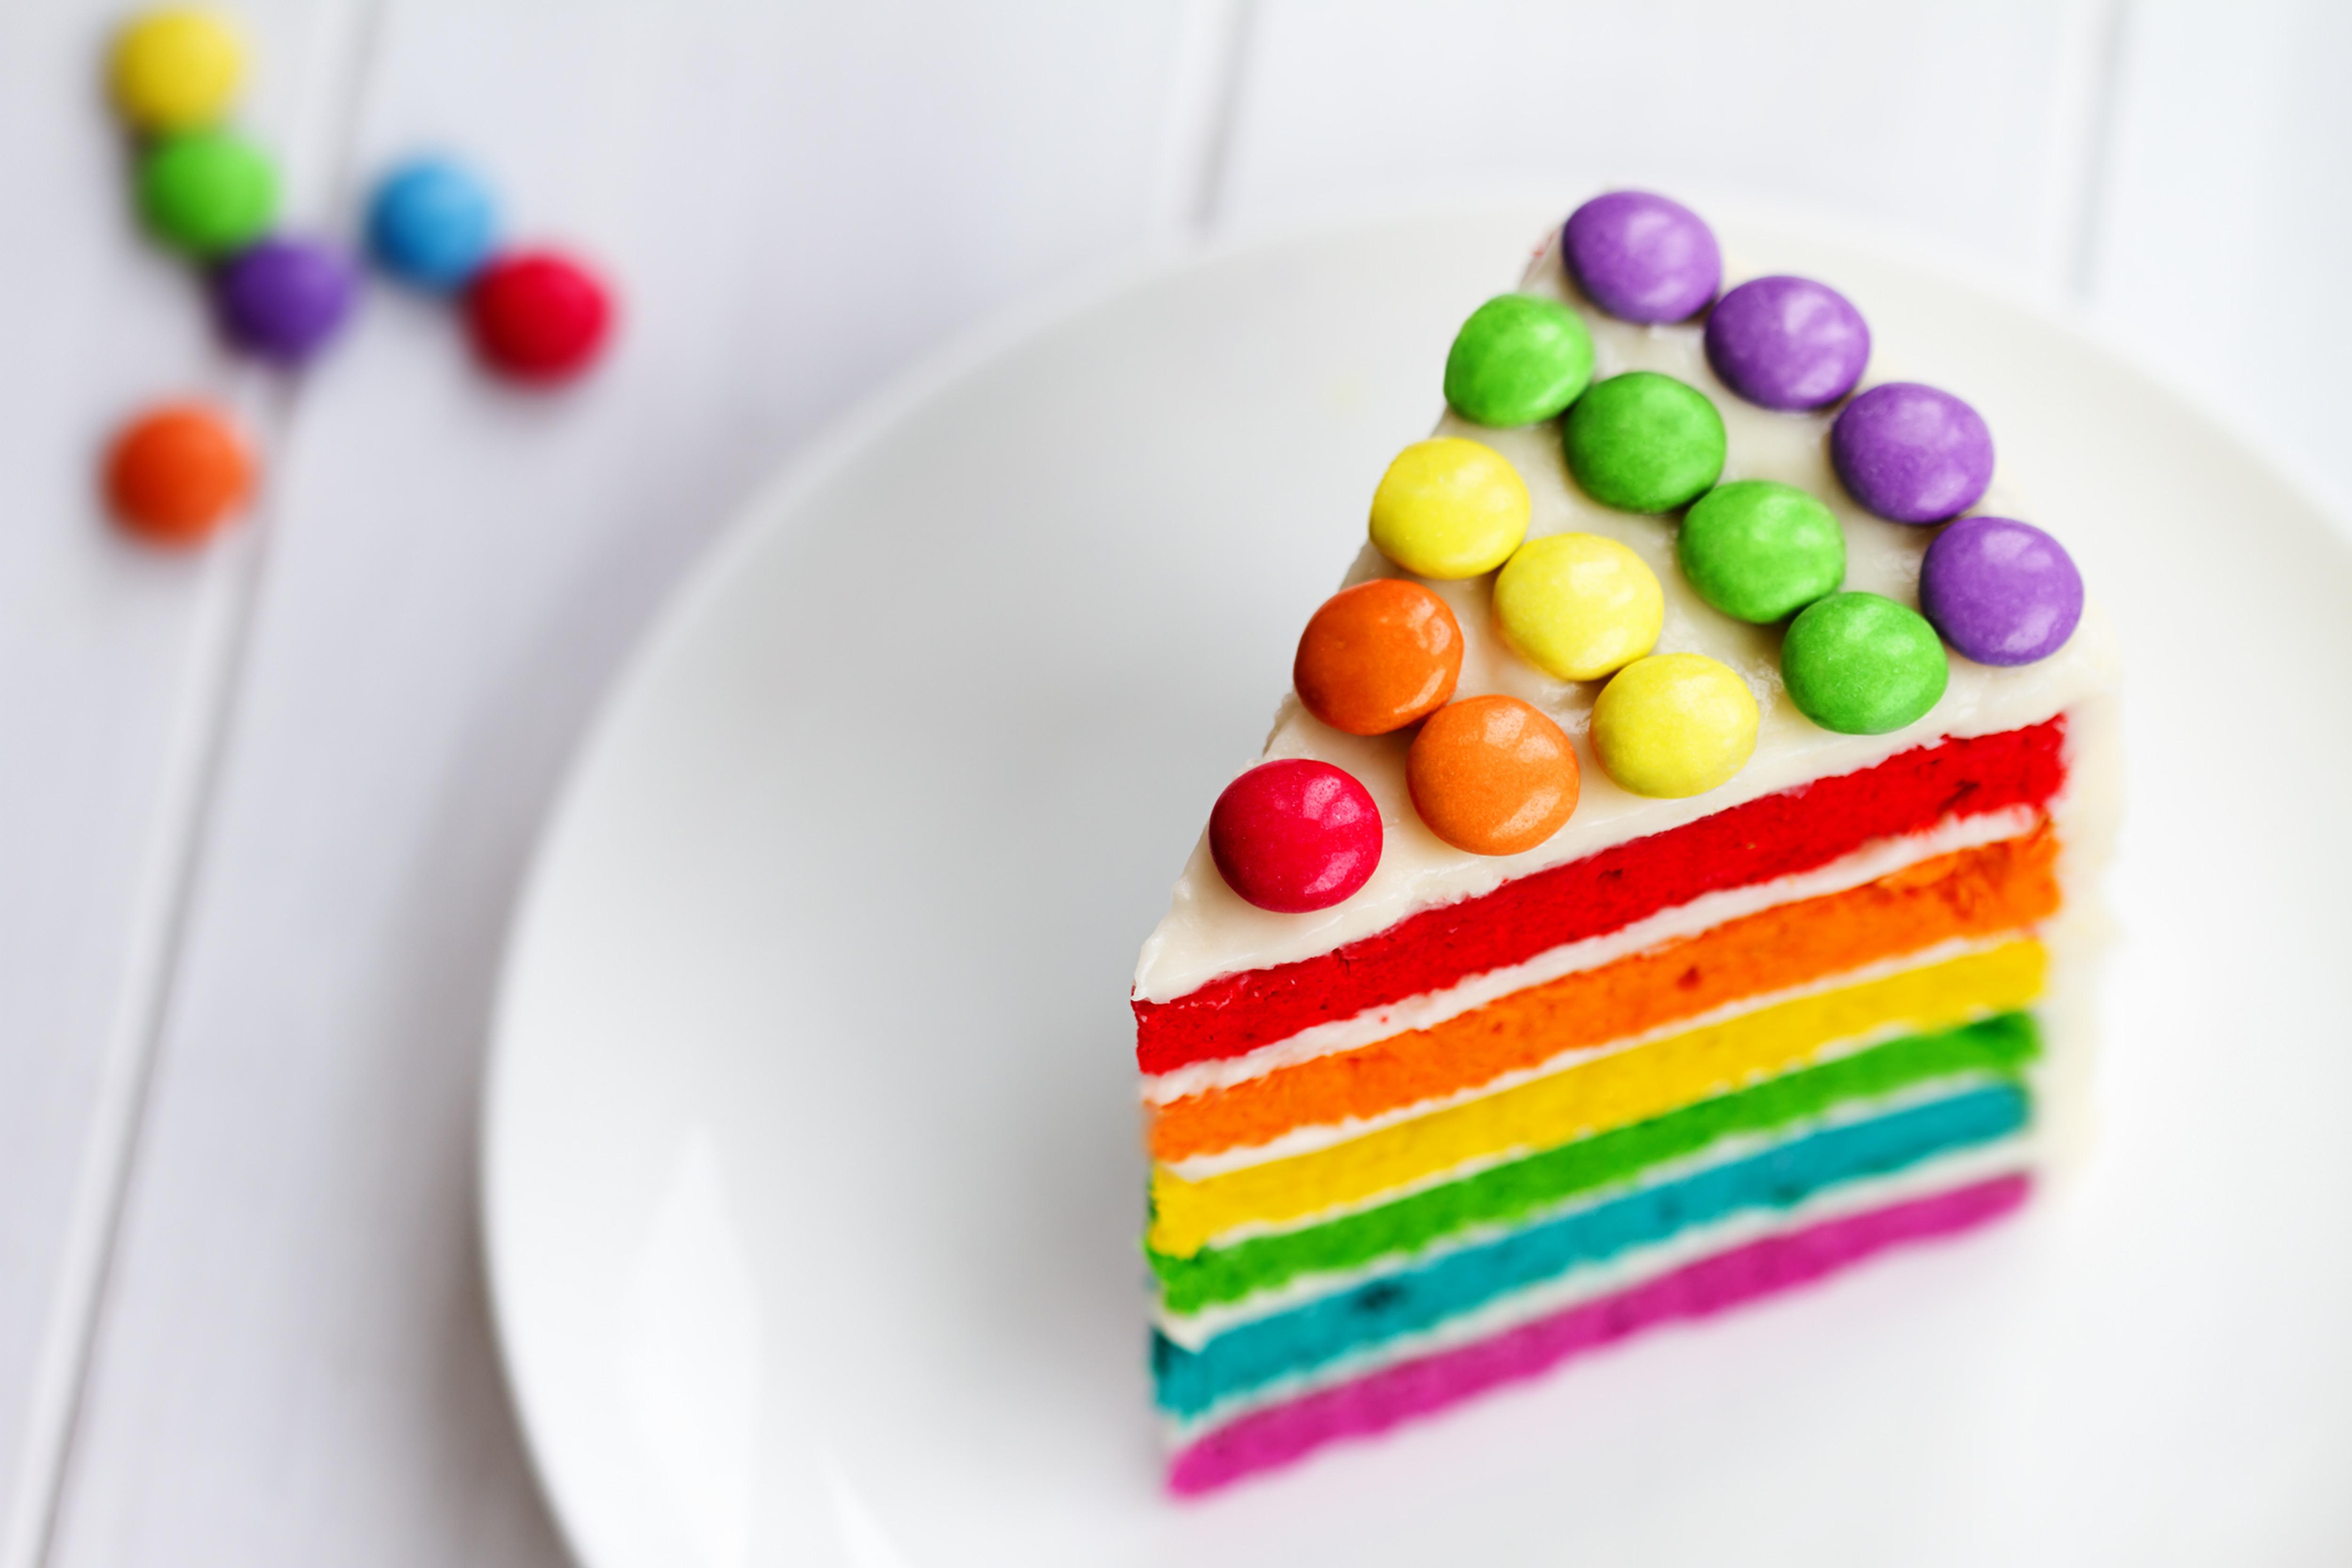 Картинка День рождения Разноцветные Торты часть Продукты питания Кусок кусочки кусочек Еда Пища